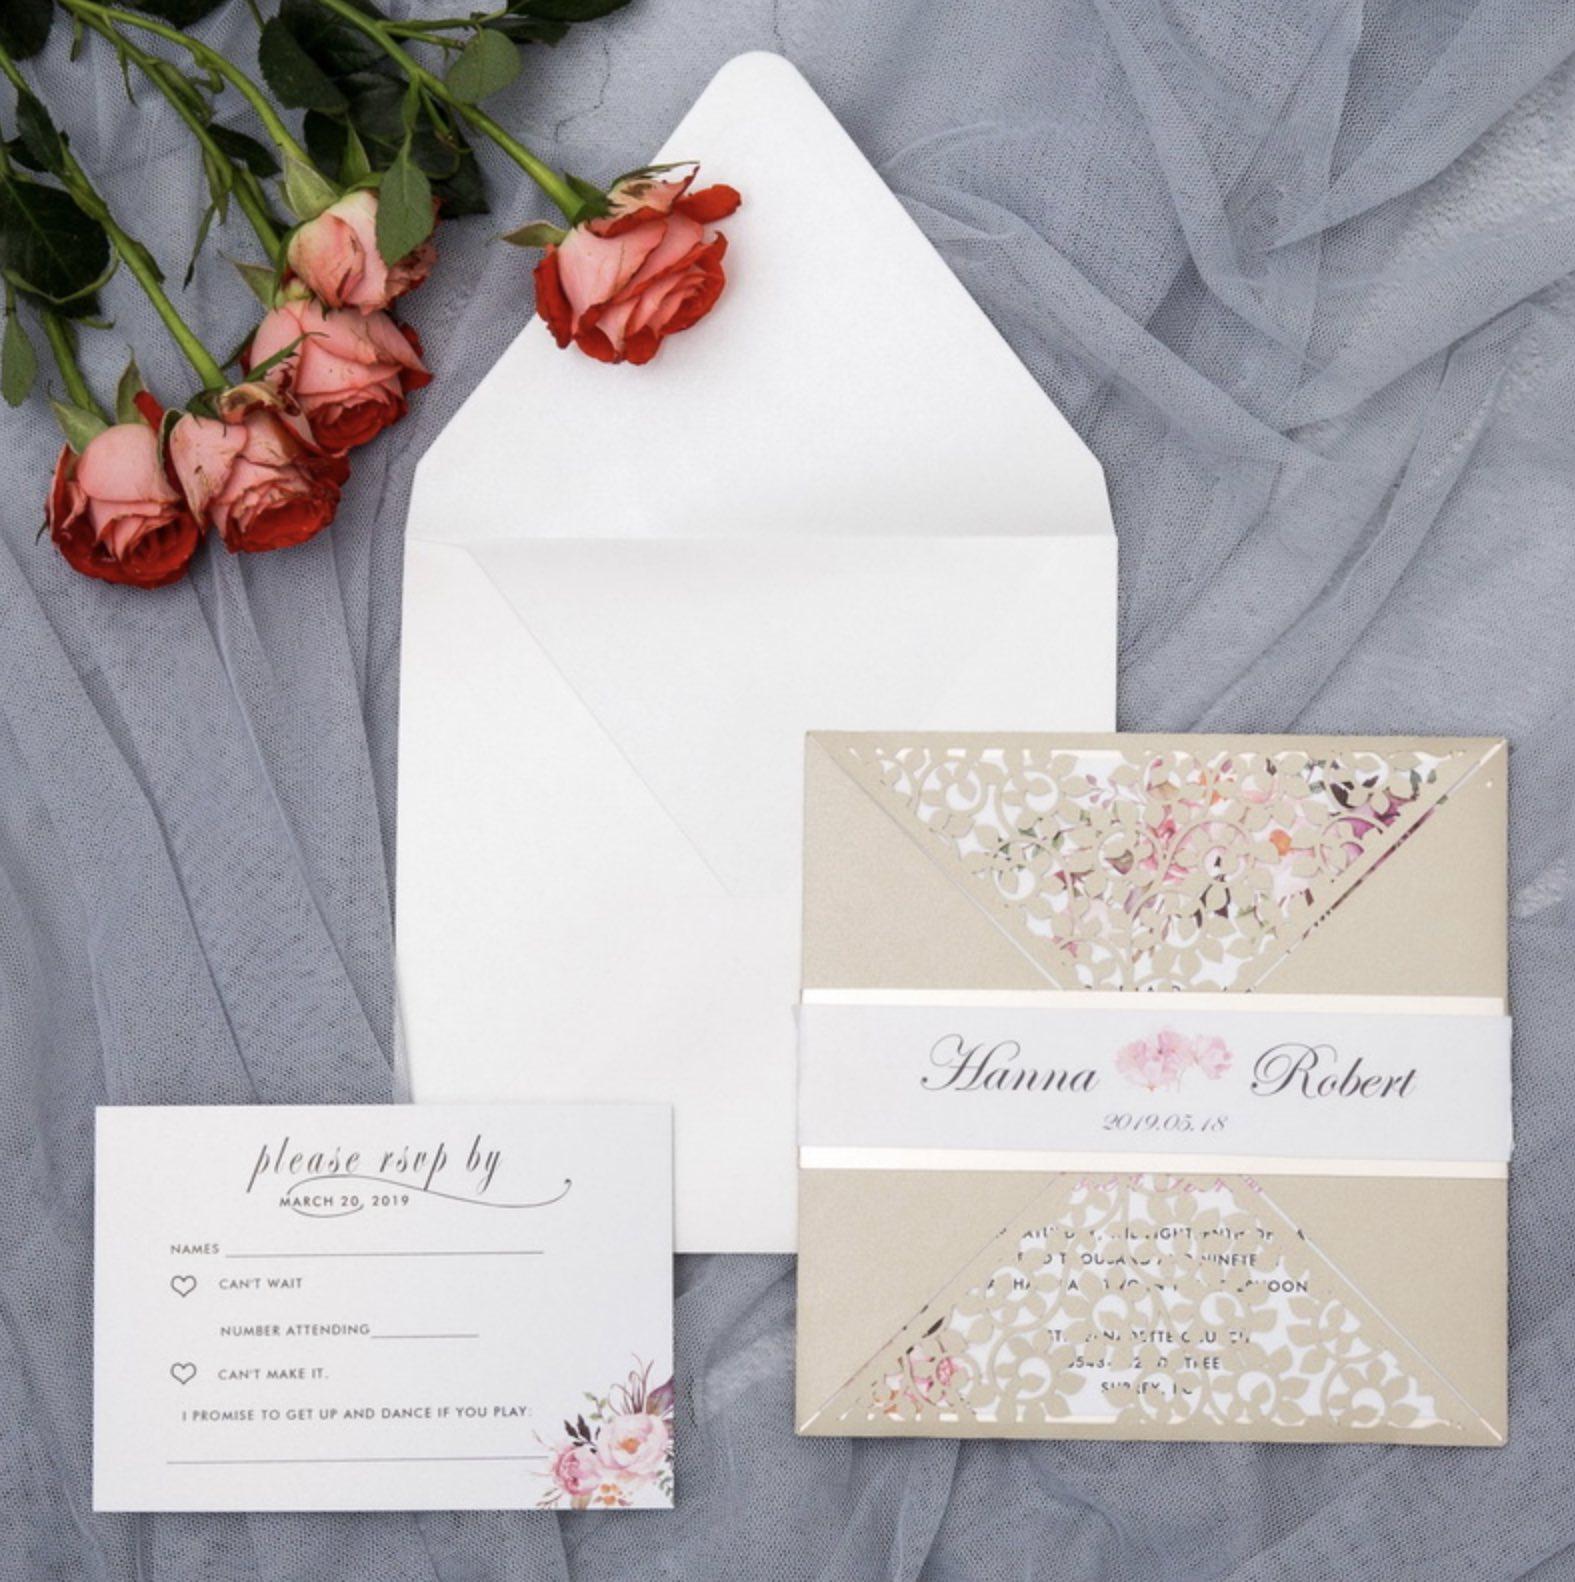 Faire-part de mariage ciselé (effet dentelle) par Kim Slugocki DPL0001